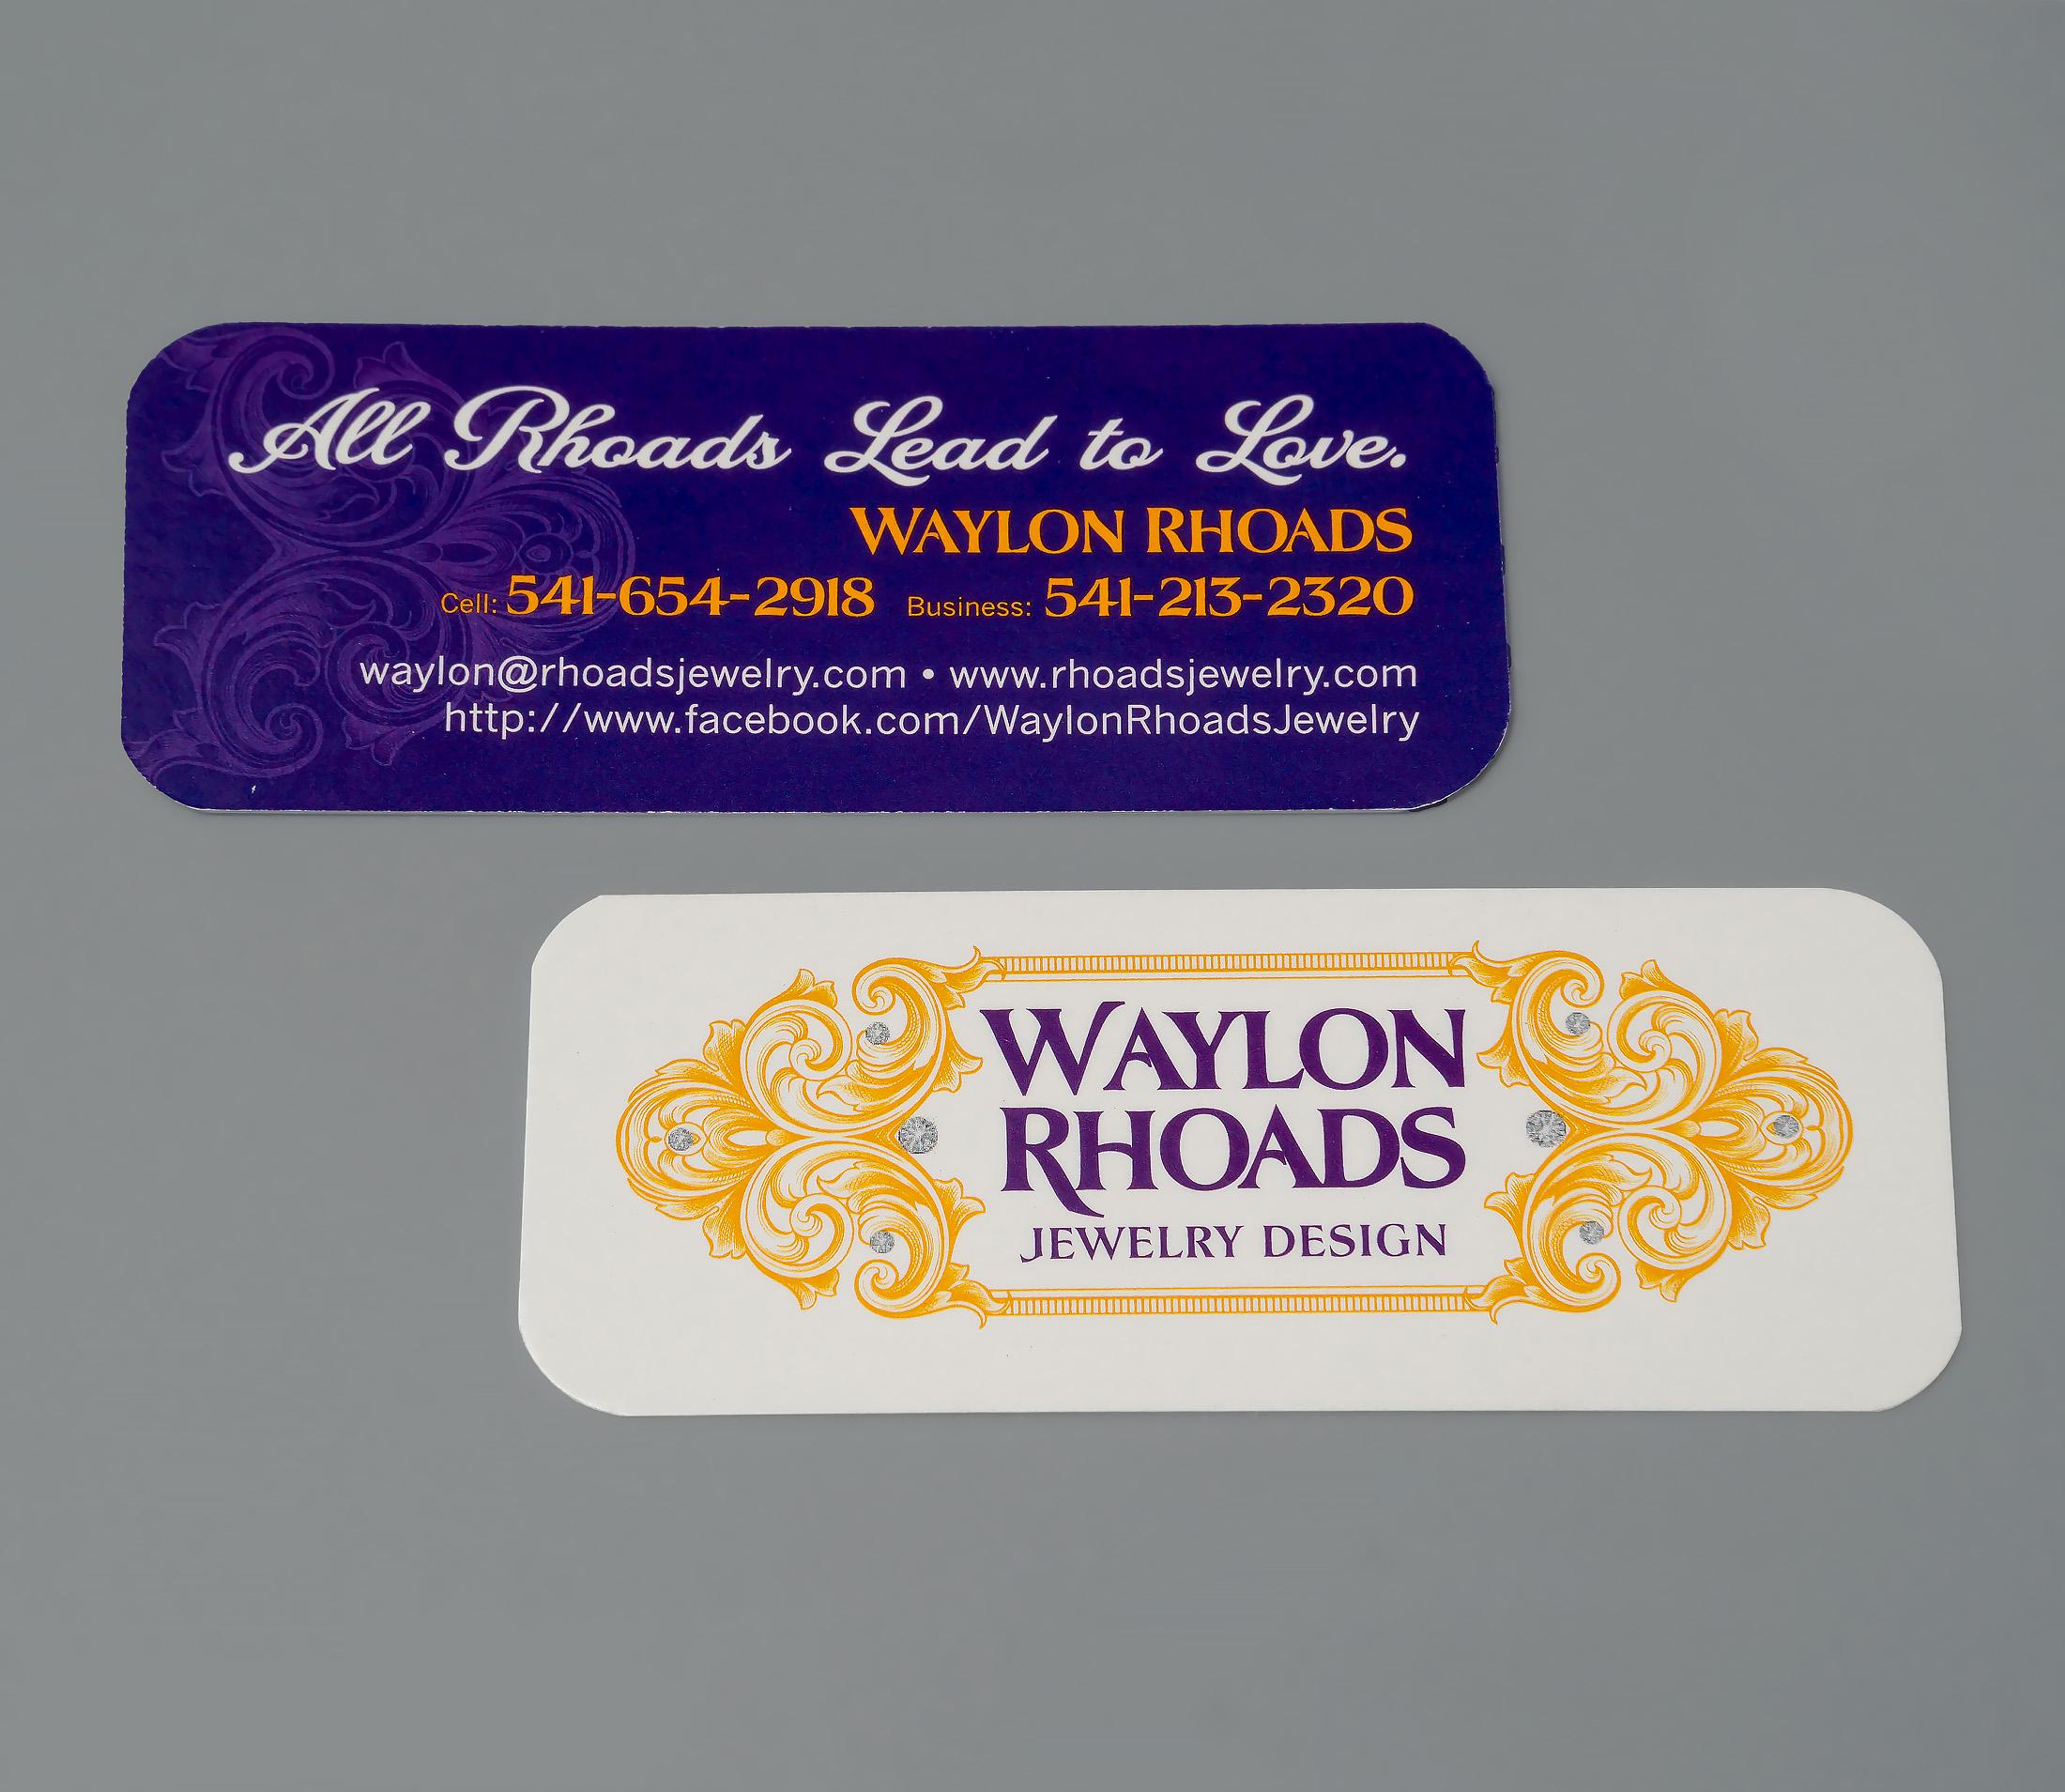 Waylon-Rhoads-card-1